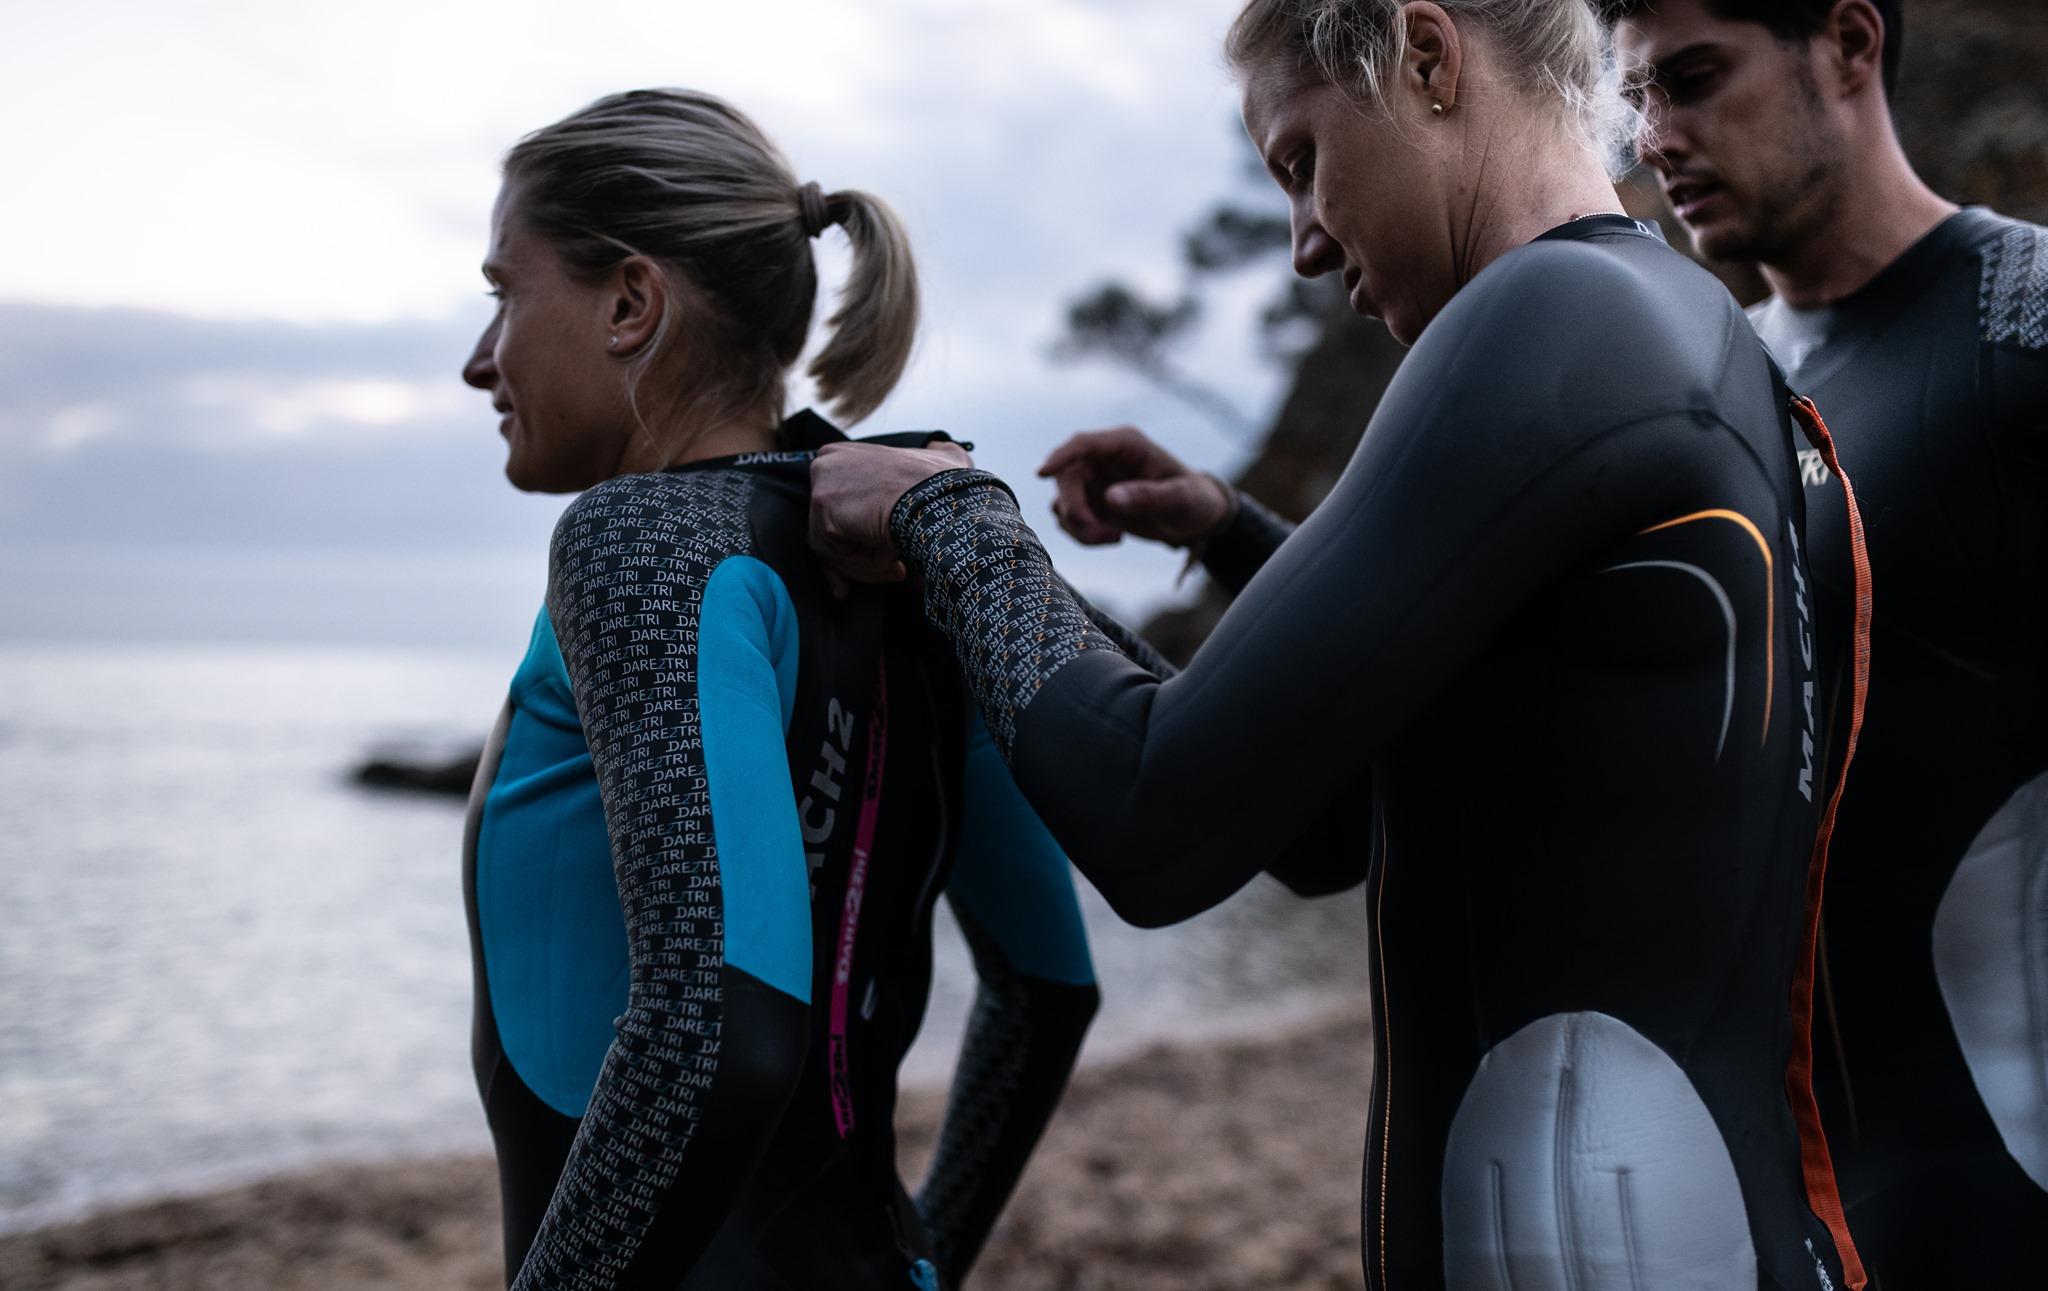 dare2tri wetsuit